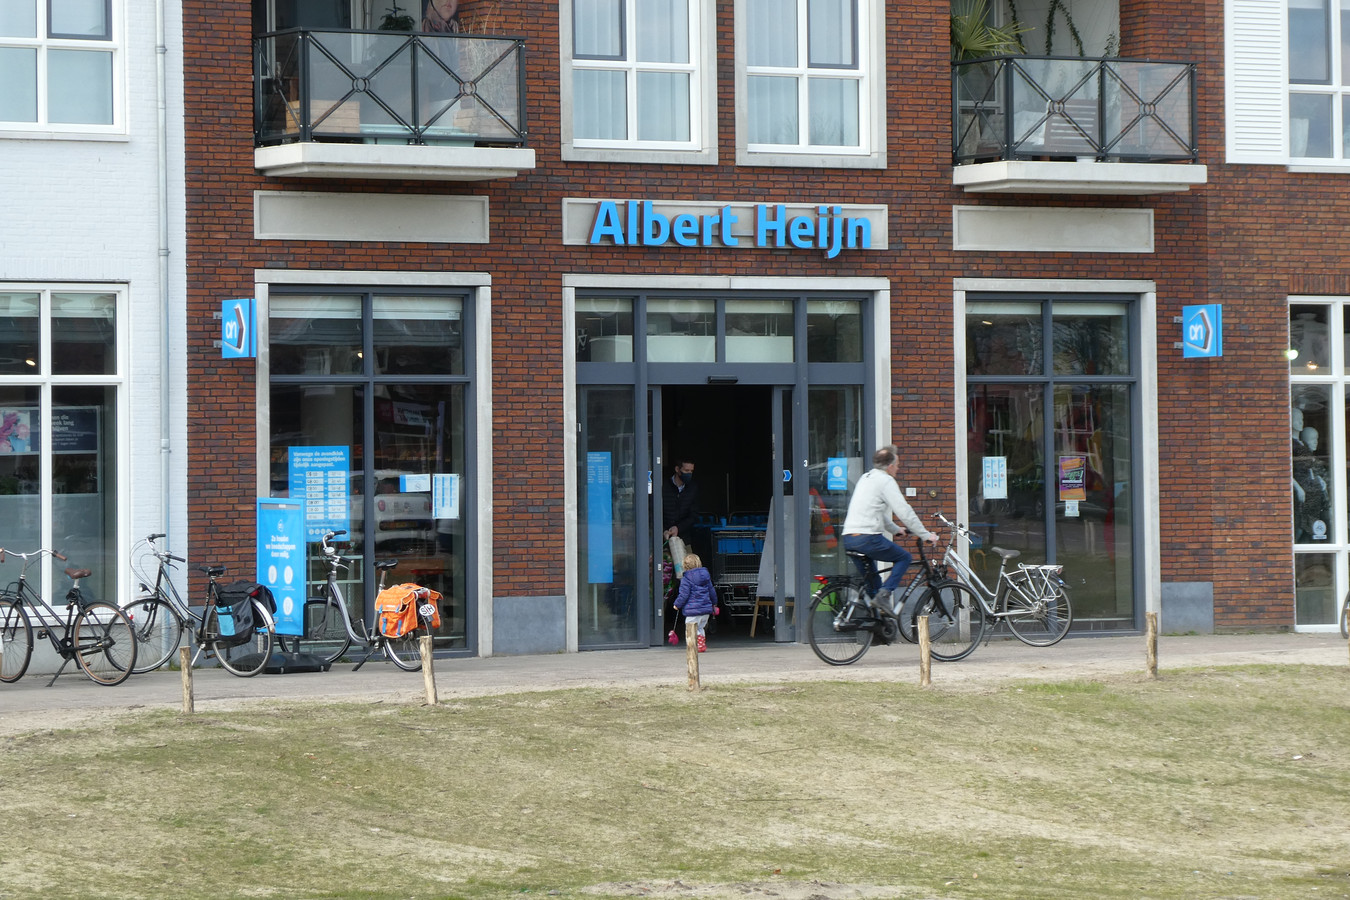 Supermarkten in Sint-Michielsgestel moesten tot nu toe steeds ontheffing vragen om open te kunnen op feestdagen.